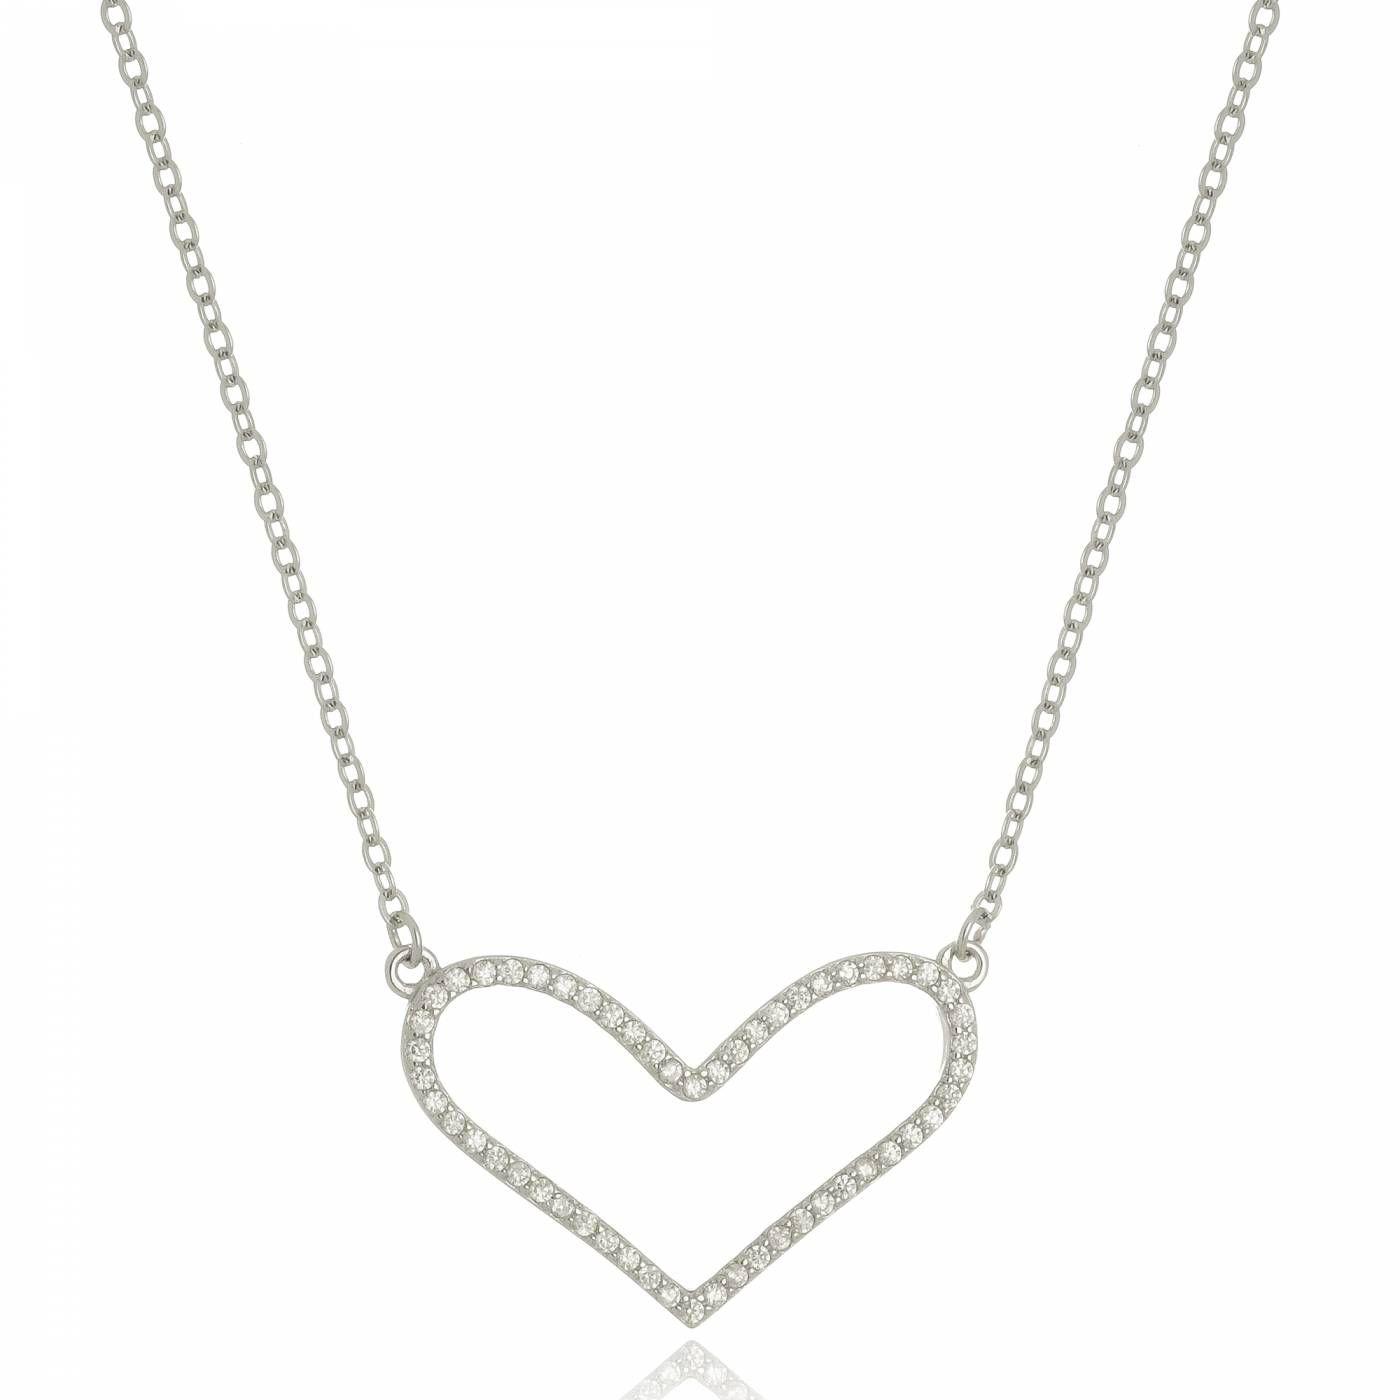 Colar Coração com Mini Zircônias Cravejadas em Prata 925